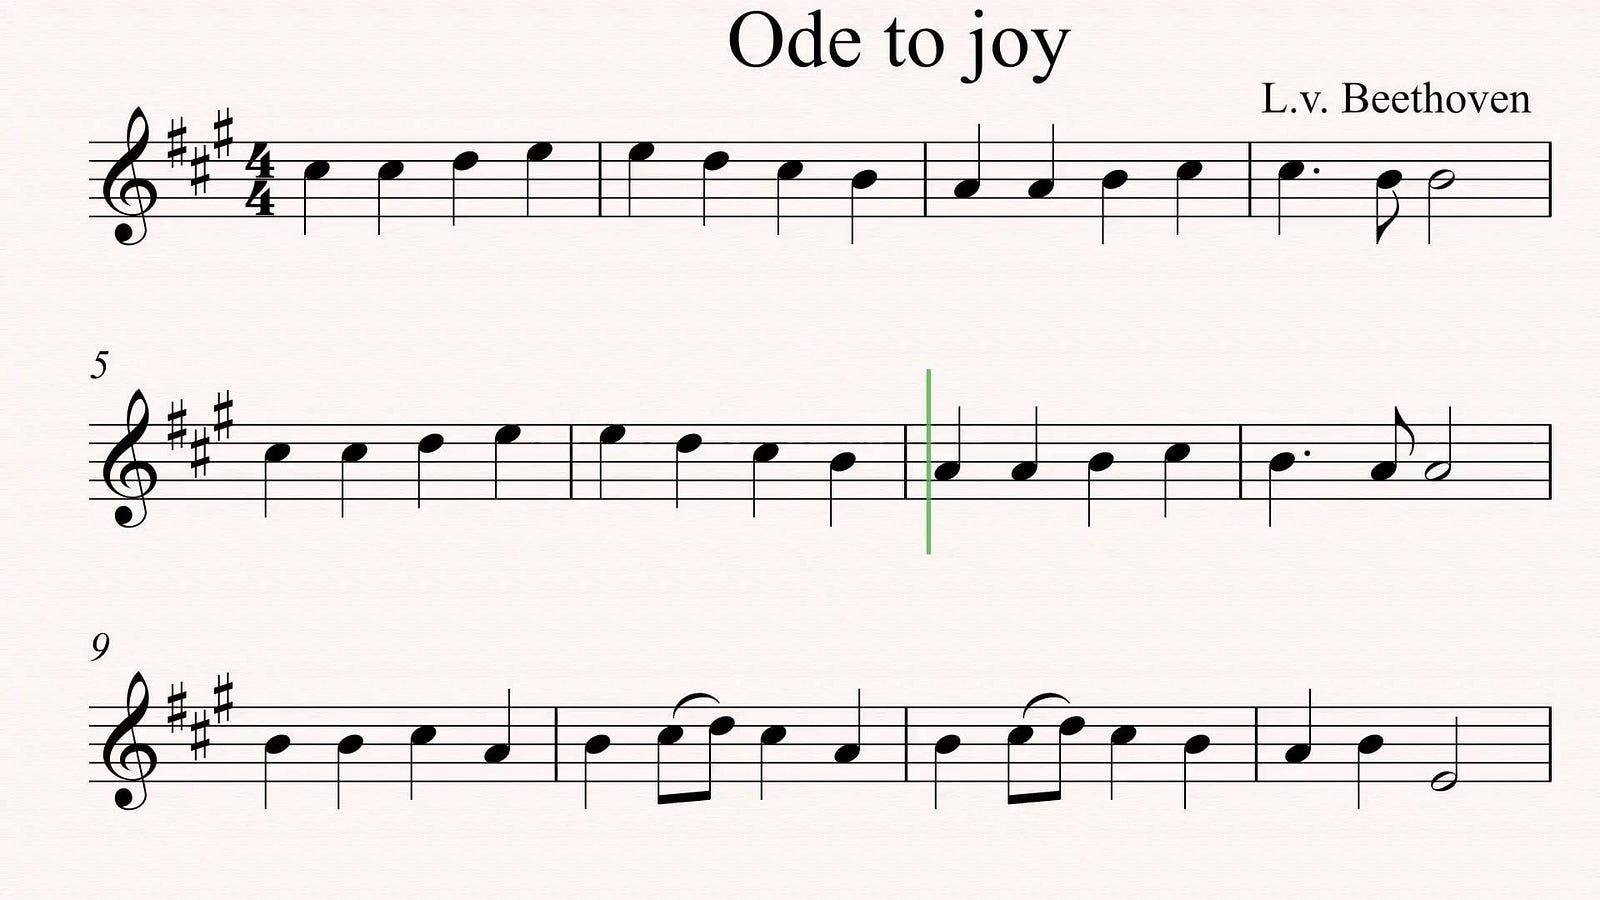 A New Ode To Joy Nodust On Brexit Medium